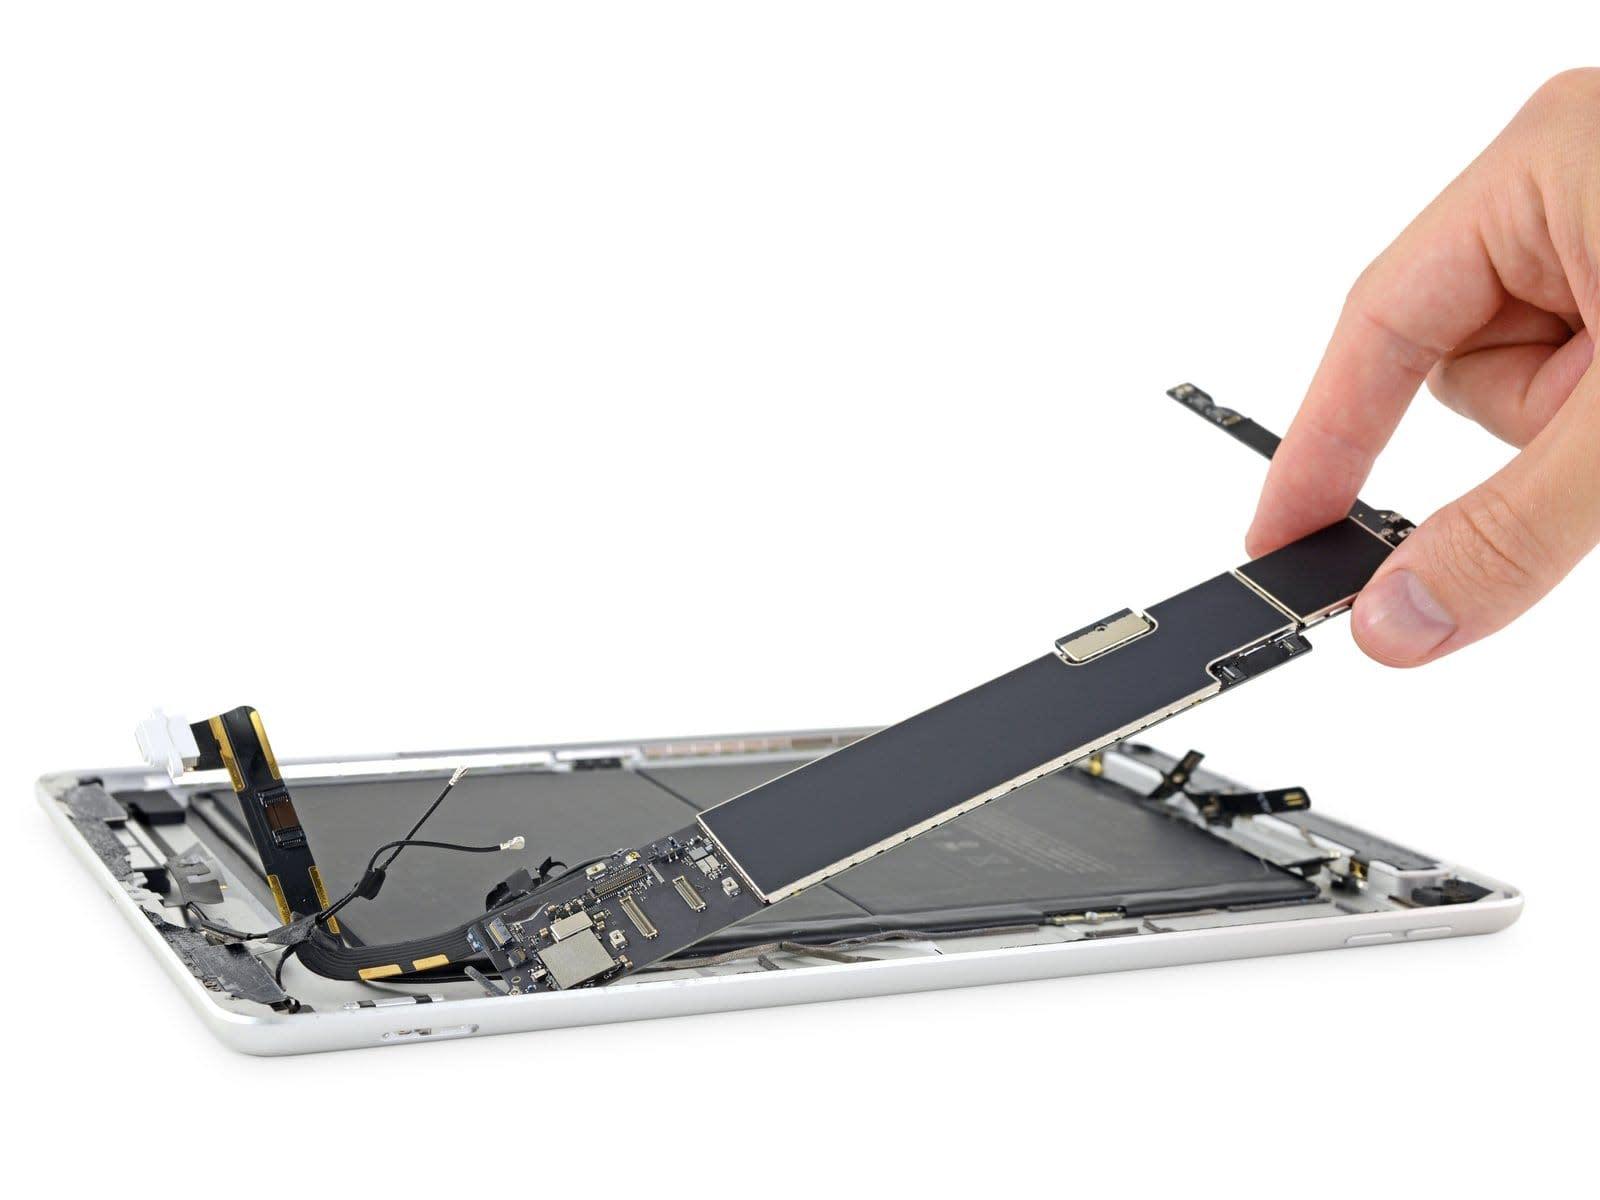 第7世代iPadがさっそく分解される。スマートキーボード接続のための磁石配置やメモリ1GB増量 - Engadget 日...